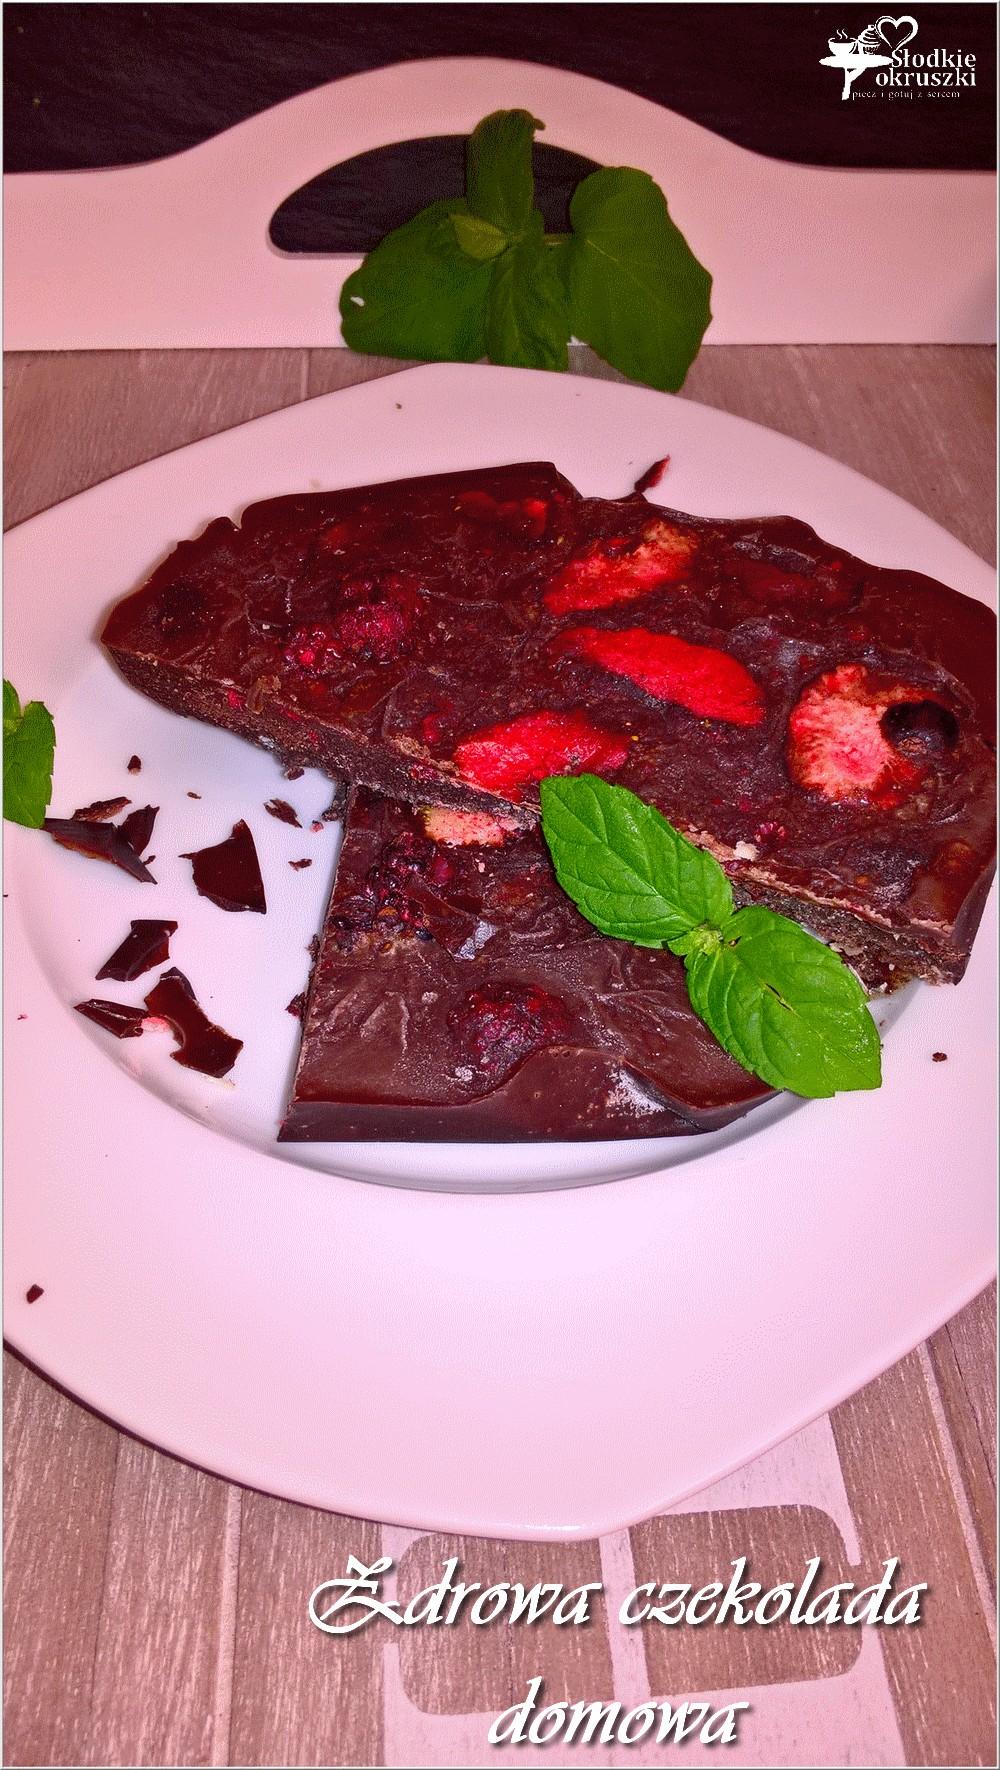 Zdrowa czekolada domowa (1)